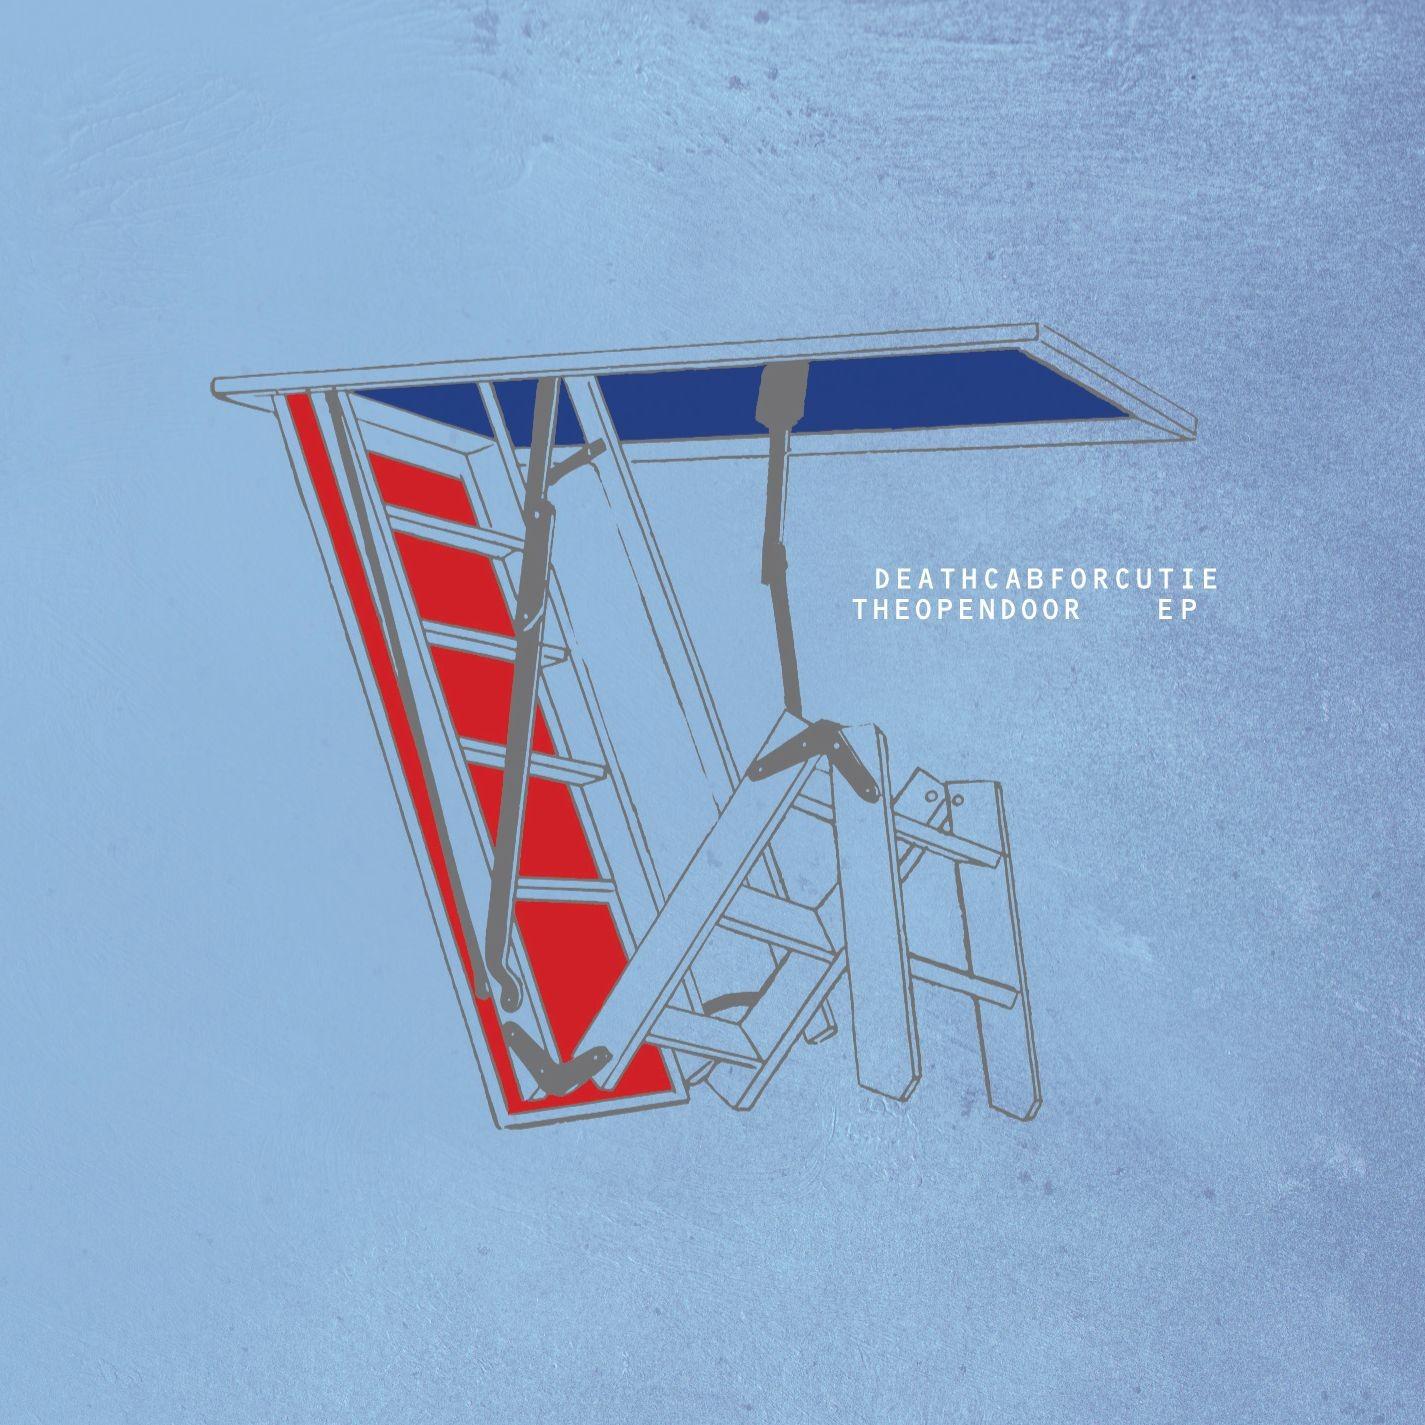 Death Cab For Cutie - The Open Door LP